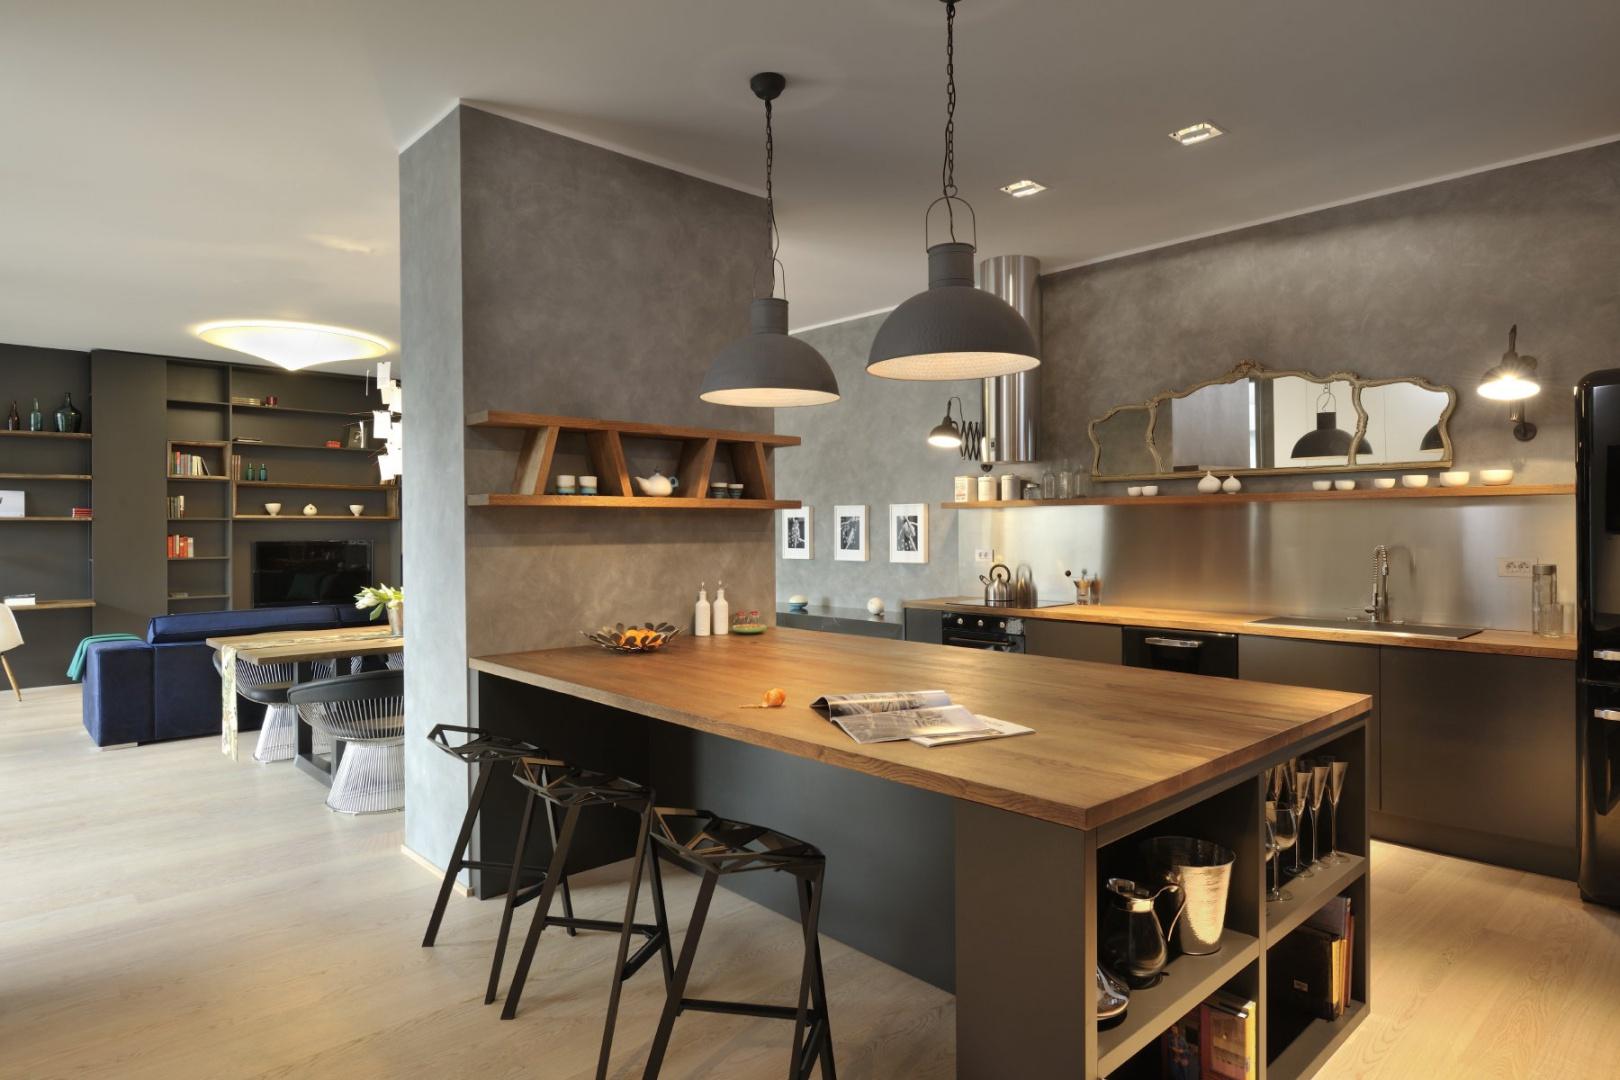 Salon od kuchni oddziela niewielka ścianka działowa, poprowadzona przez centrum otwartej przestrzeni. Zlokalizowano na niej półwysep, który może pełnić funkcję jadalni lub domowego baru. Projekt: Biuro Architektoniczne GAO Arhitekti. Fot. Miran Kambic.